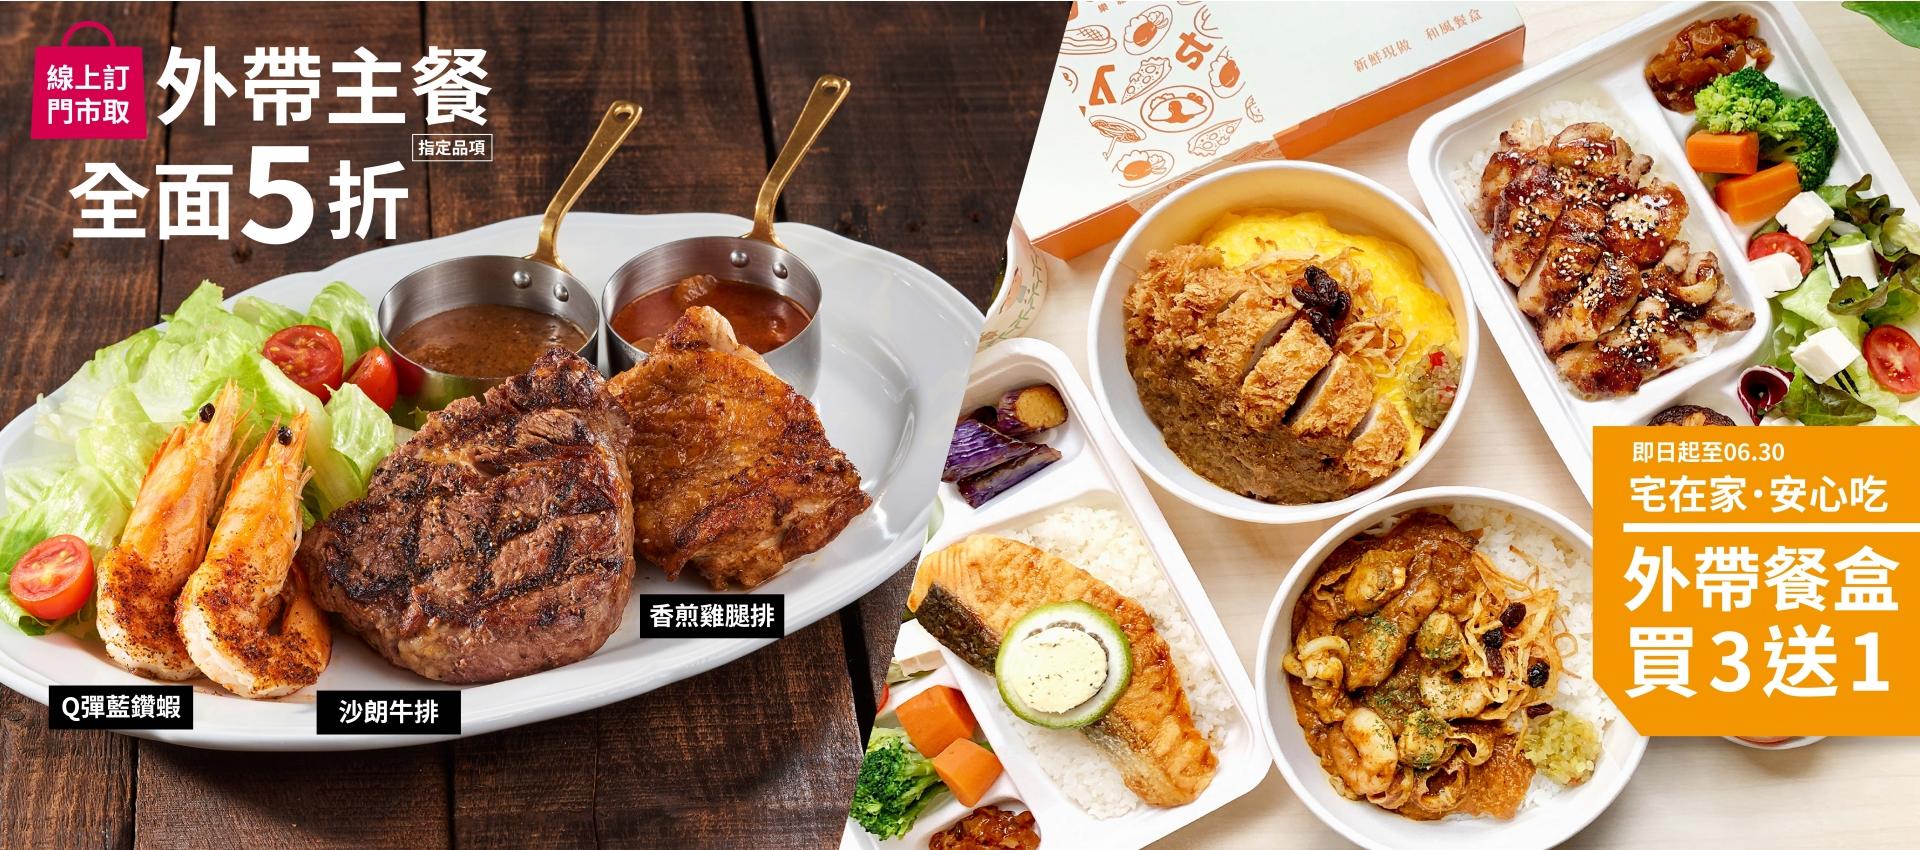 台北外帶美食 優惠餐廳總整理 防疫期間外帶優惠總整理! 連鎖品牌外帶優惠懶人包 54